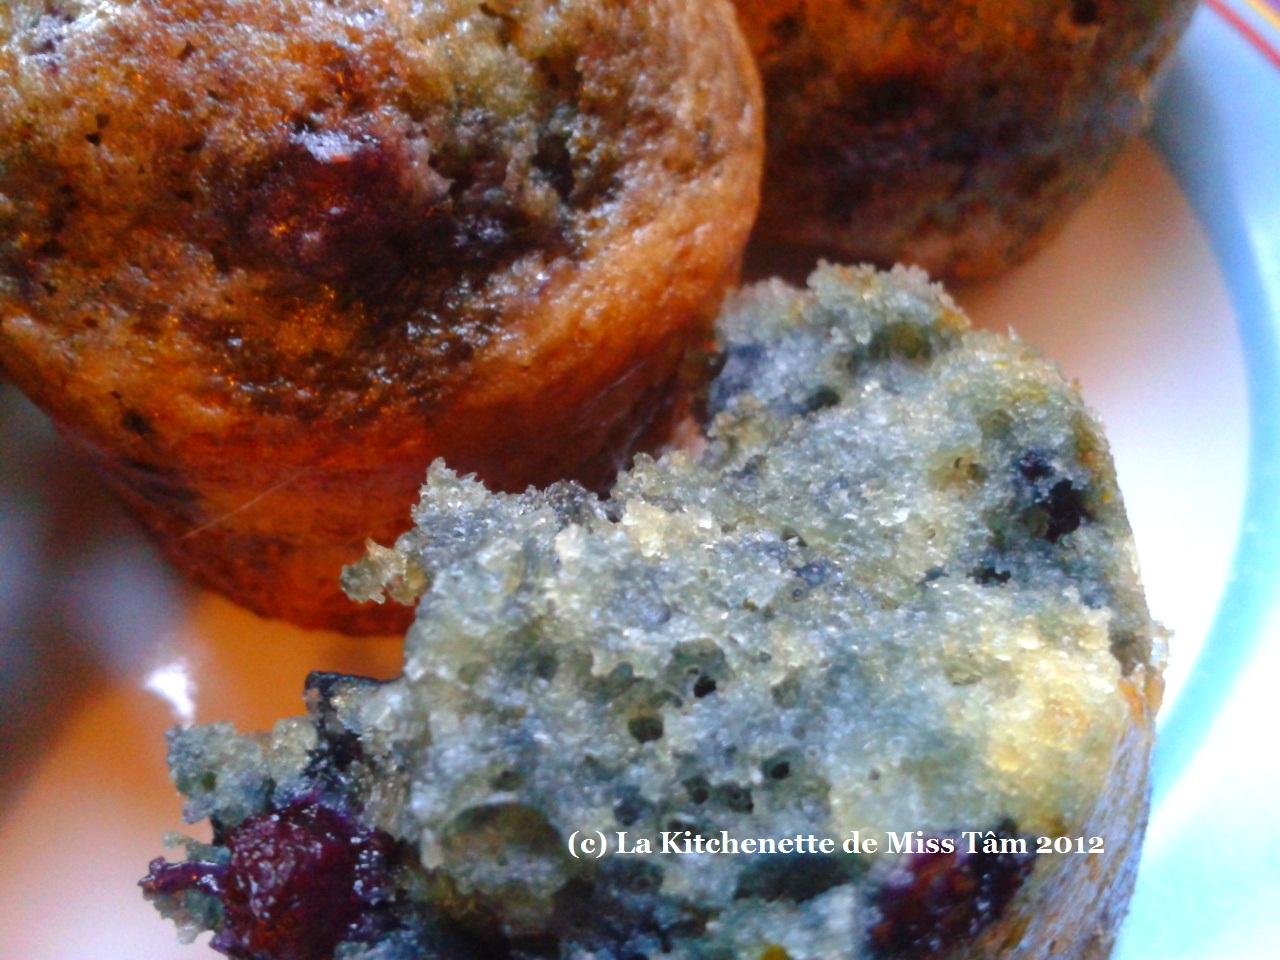 Kitchenette de Miss Tâm Moelleux aux myrtilles